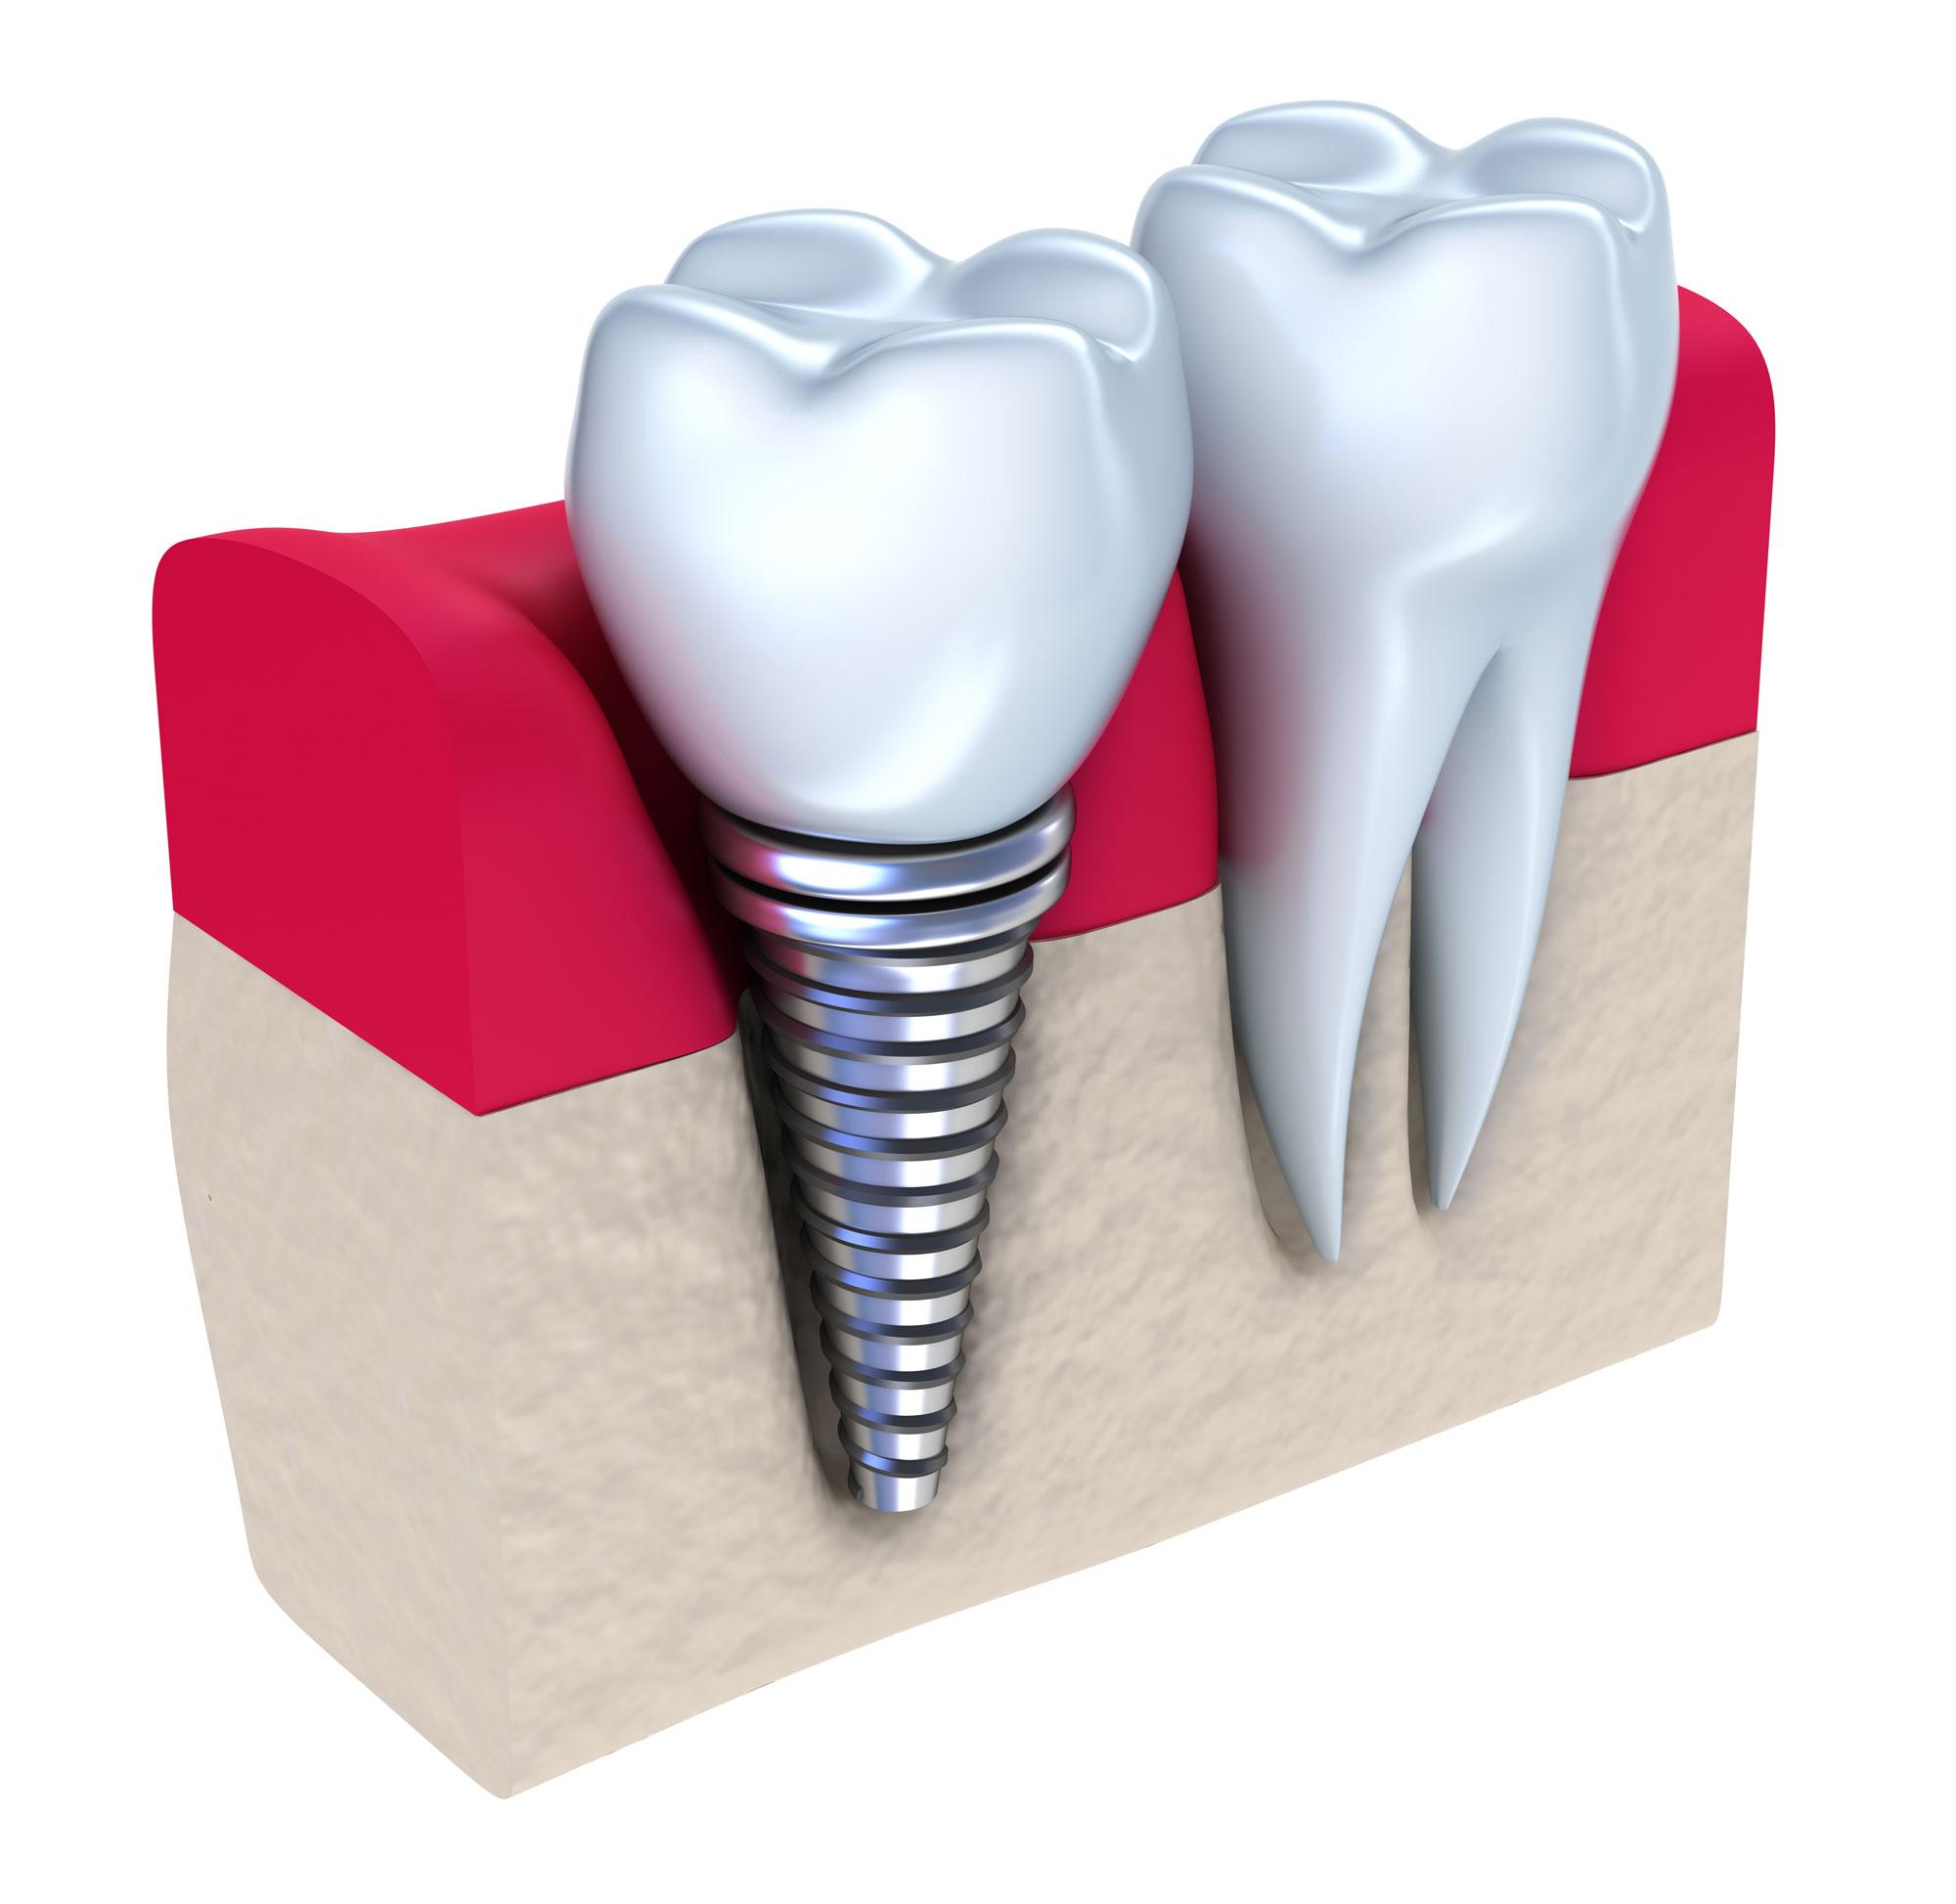 Implantációs fogpótlás 3D ábrázolása egy-egy fog hiánya esetén.